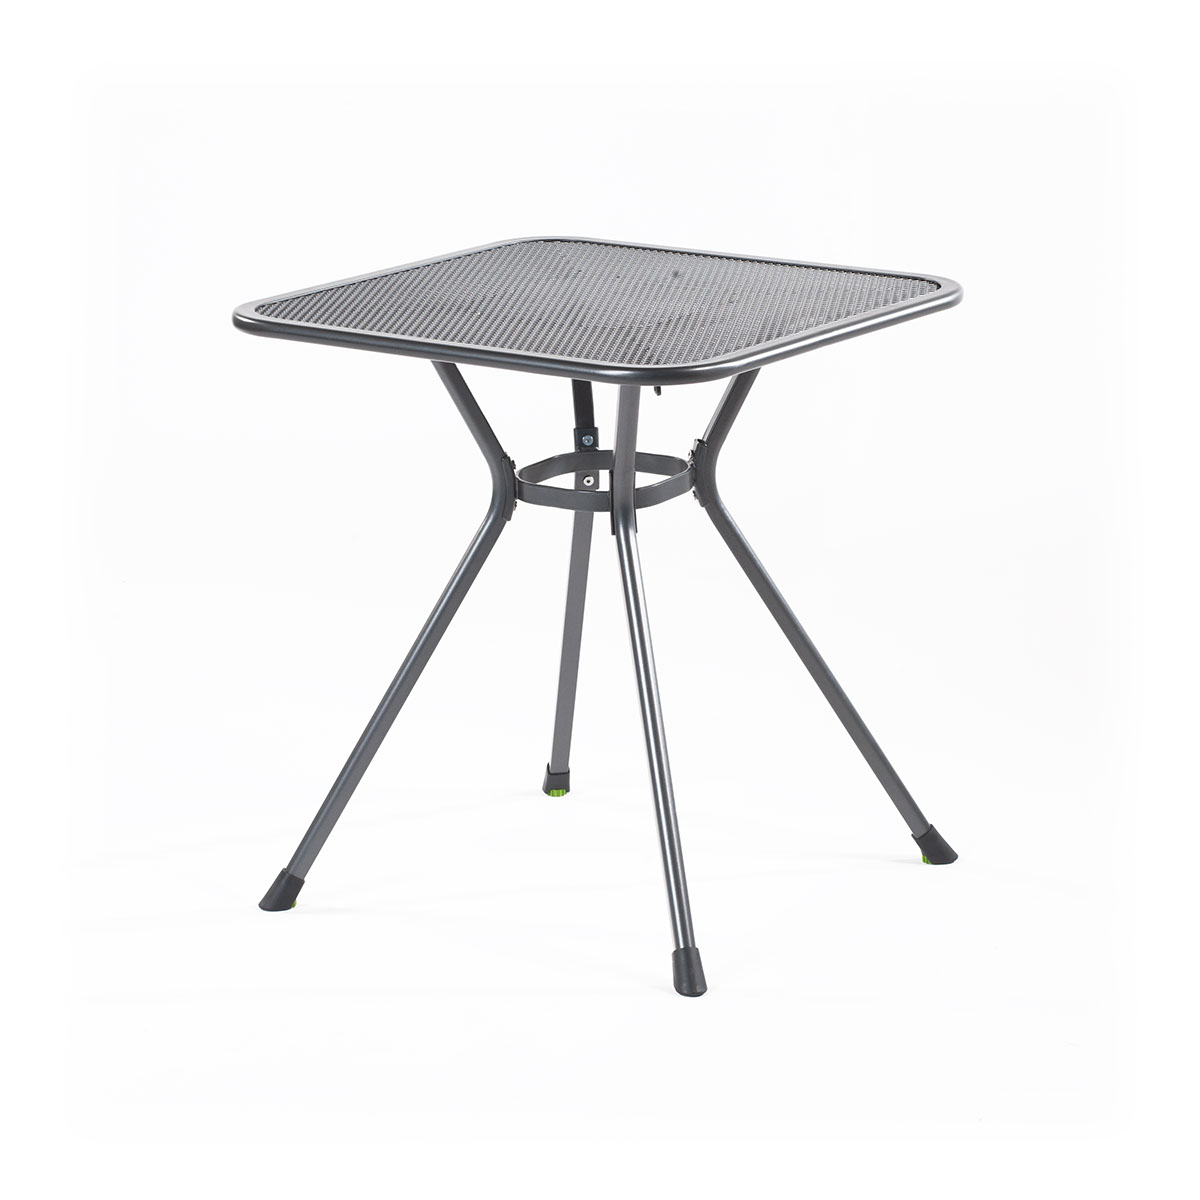 malý stůl z tahokovu 70 x 70 x 74 cm MWH Tavio 70